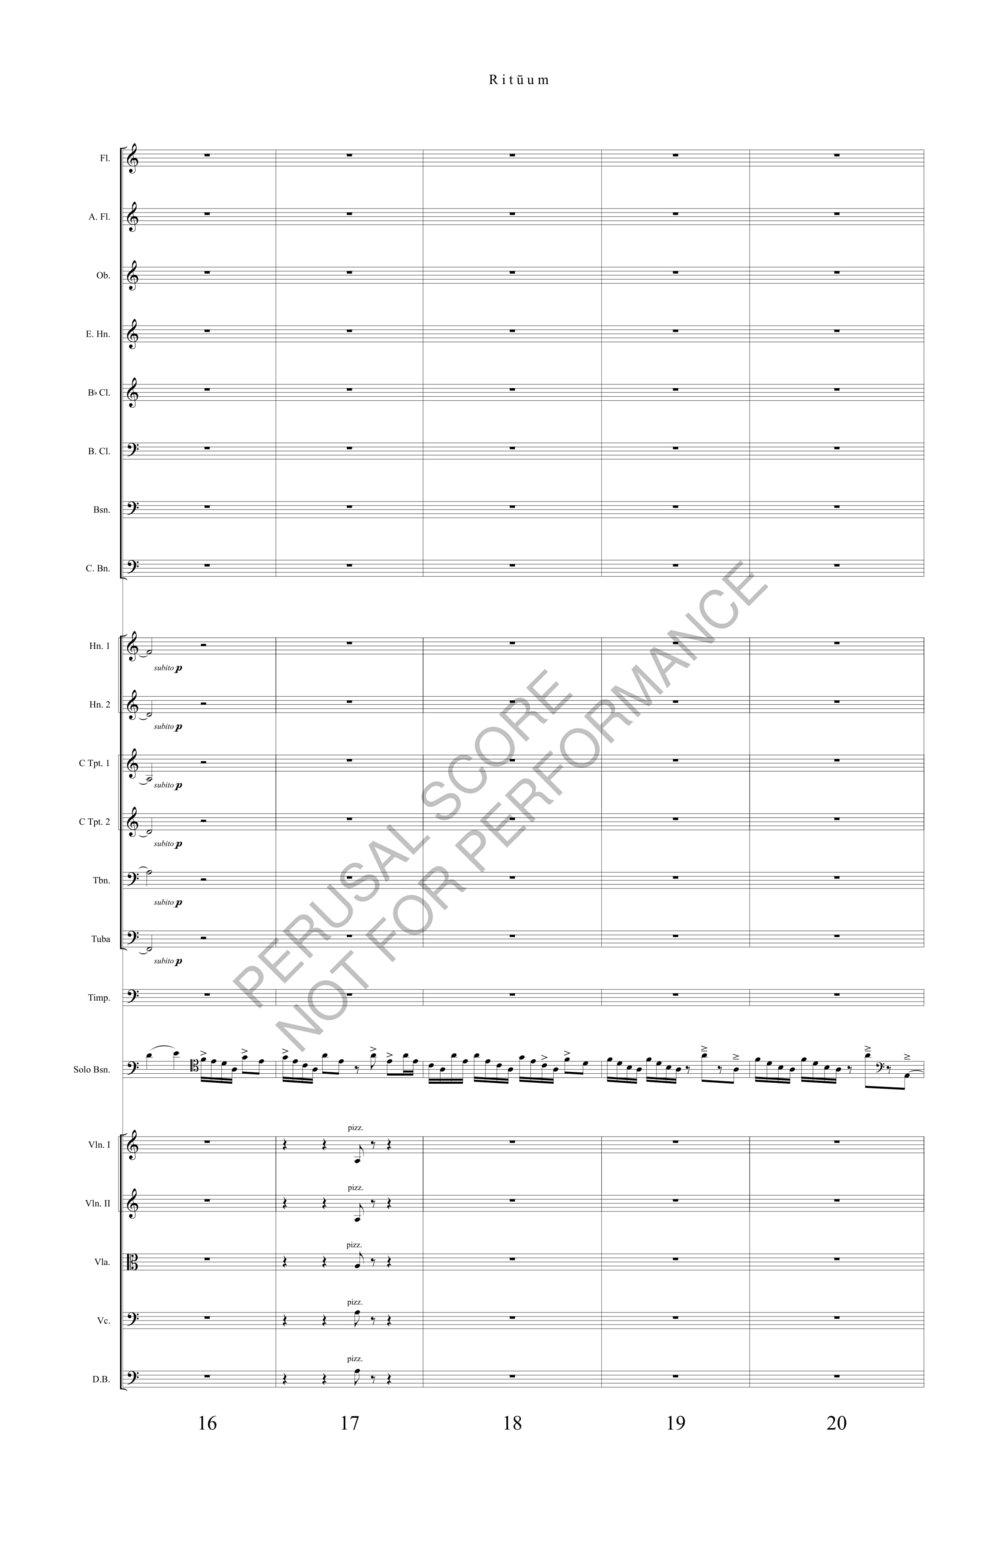 Boyd Rituum Score-watermark (1)-10.jpg